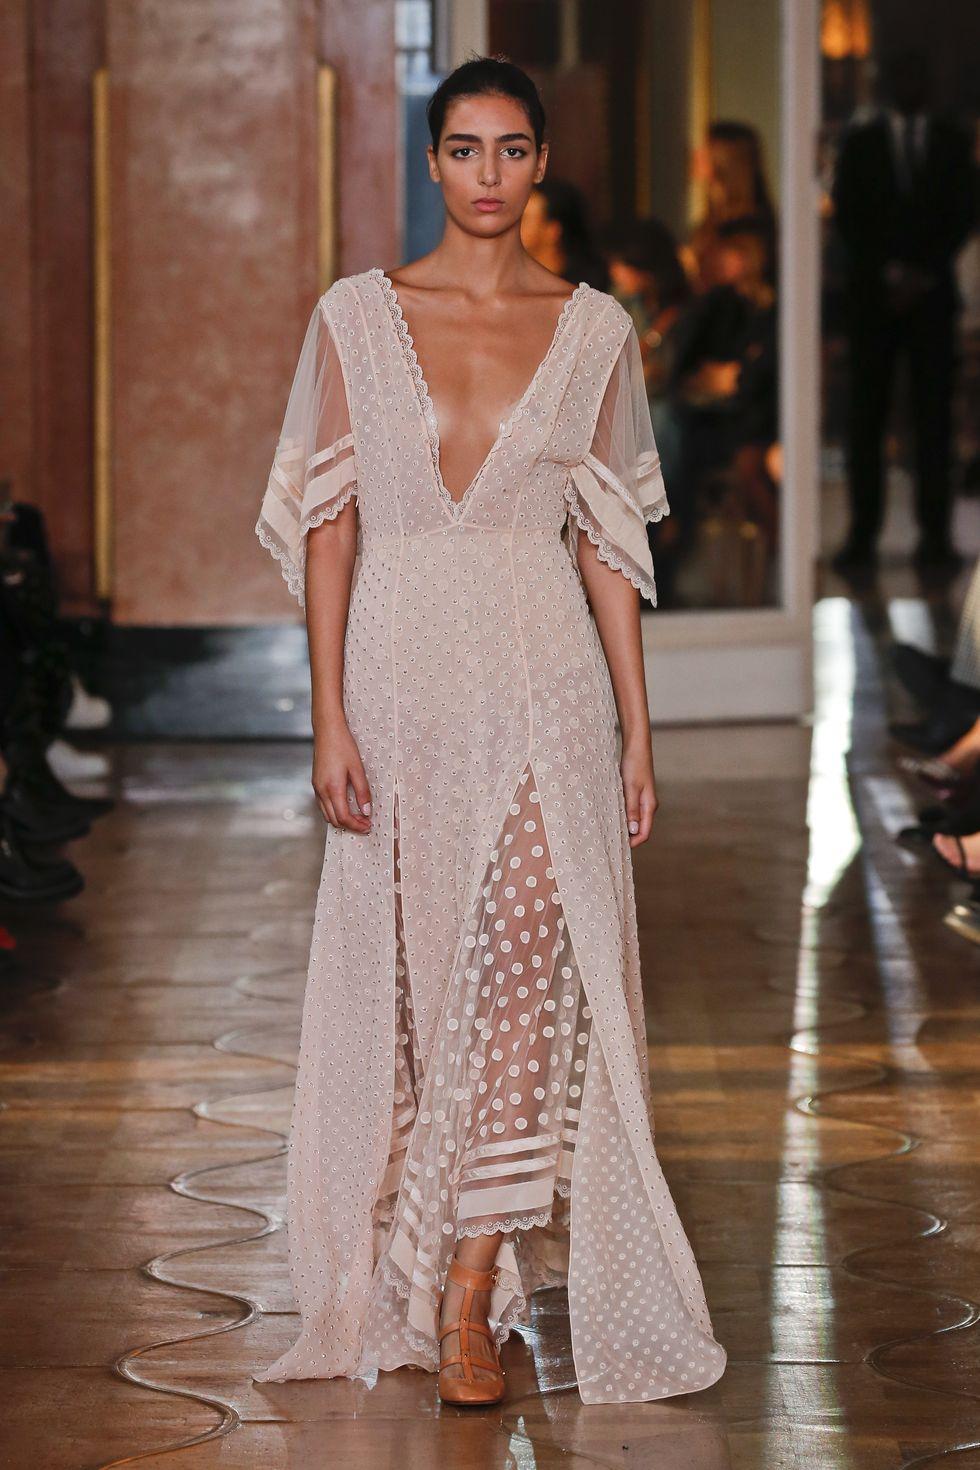 thiết kế Altuzarra ren chấm bi trắng - xu hướng thời trang xuân hè 2020